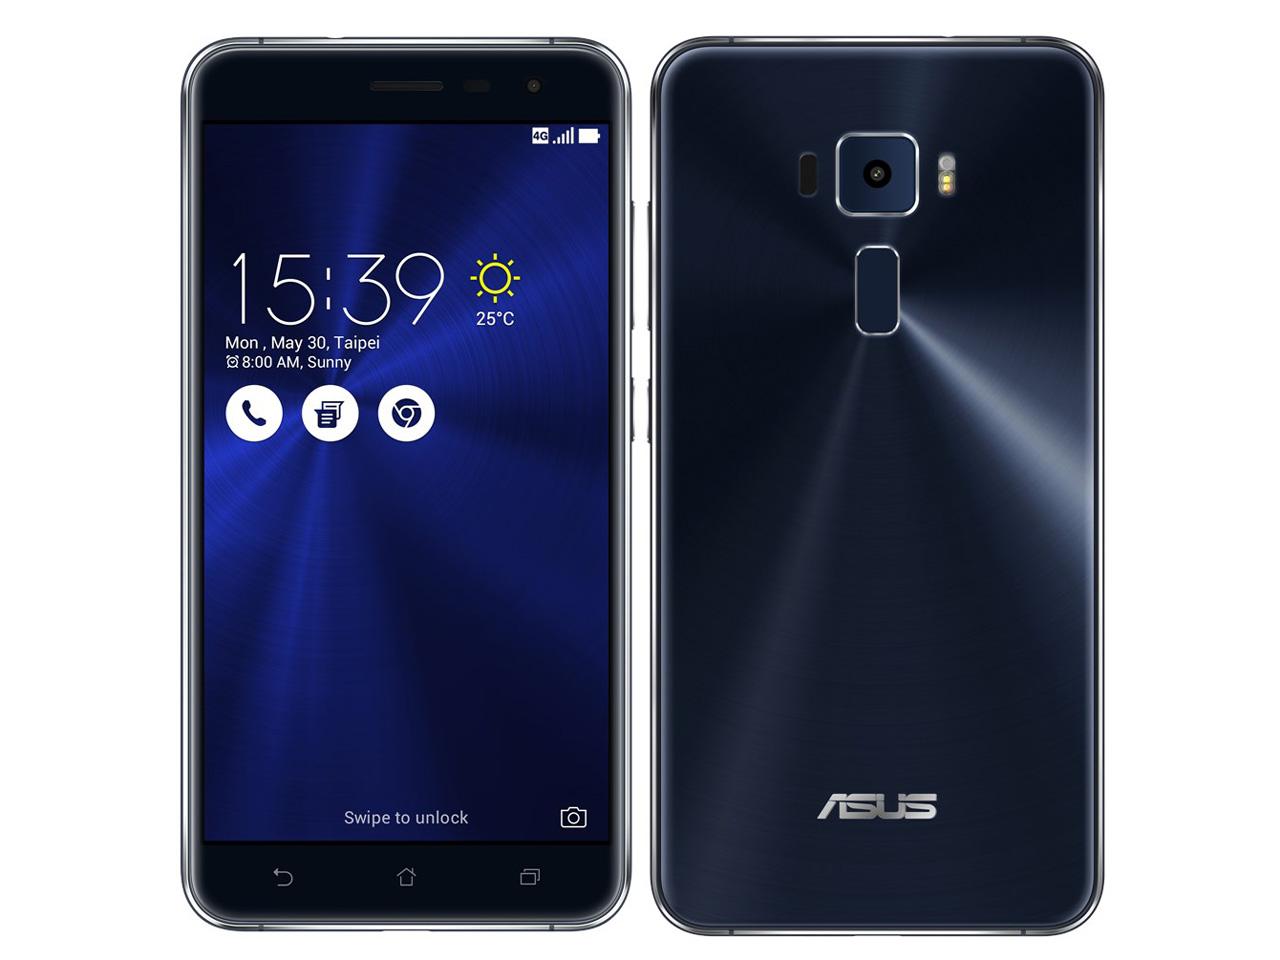 ZenFone 3 ZE552KL-BK64S4 SIMフリー [サファイアブラック] の製品画像